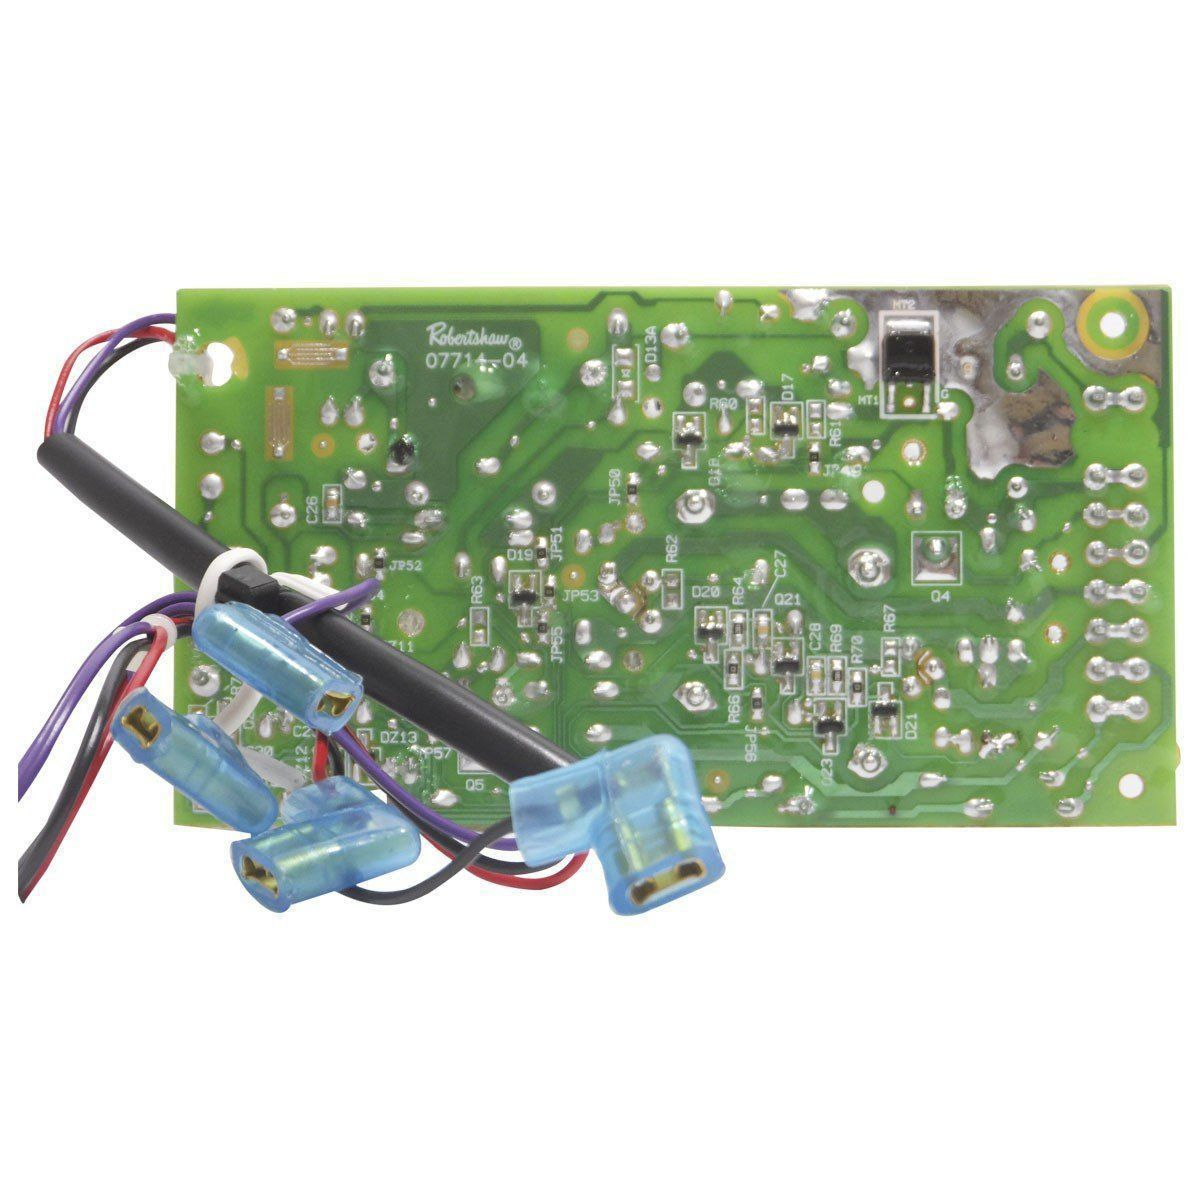 Placa Eletrônica Potência Lavadora Brastemp 220V 326046941